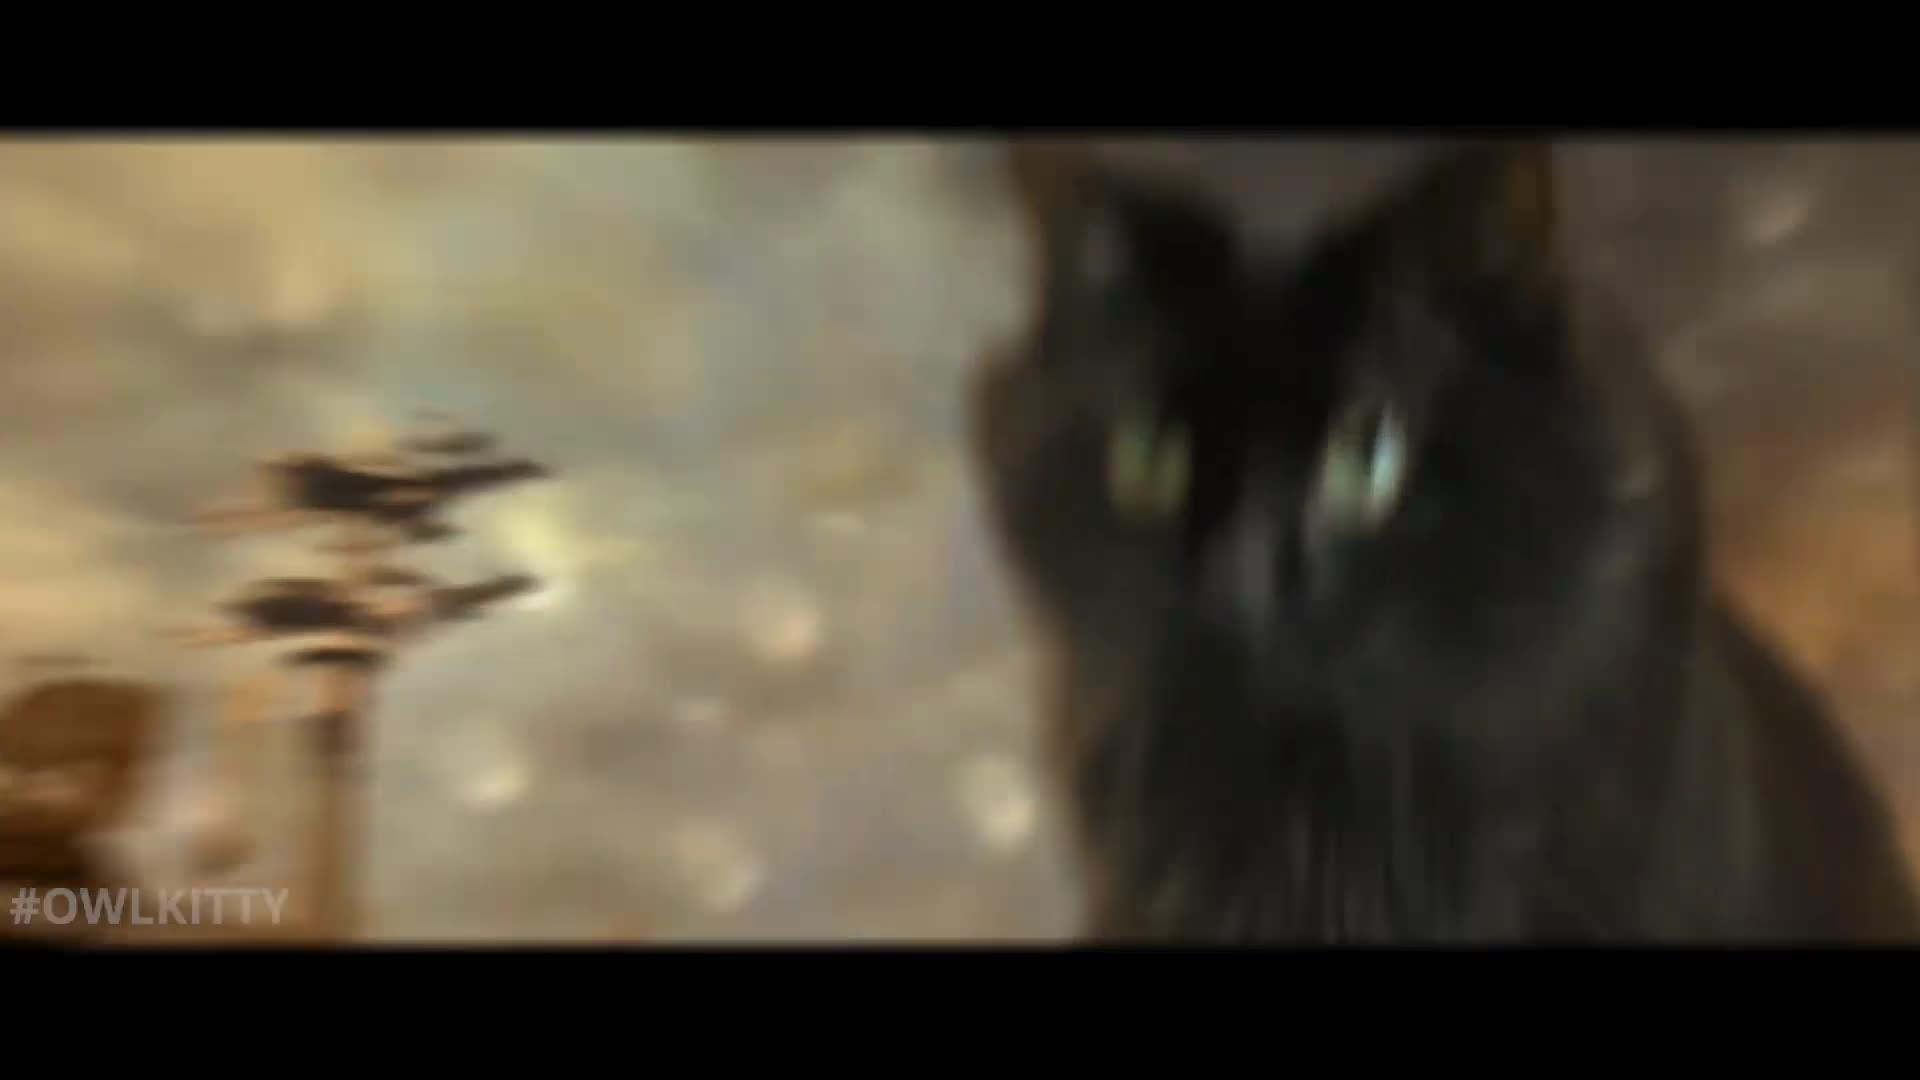 哥斯拉大战金刚视频配音,哥斯拉VS喵星人搞笑配音